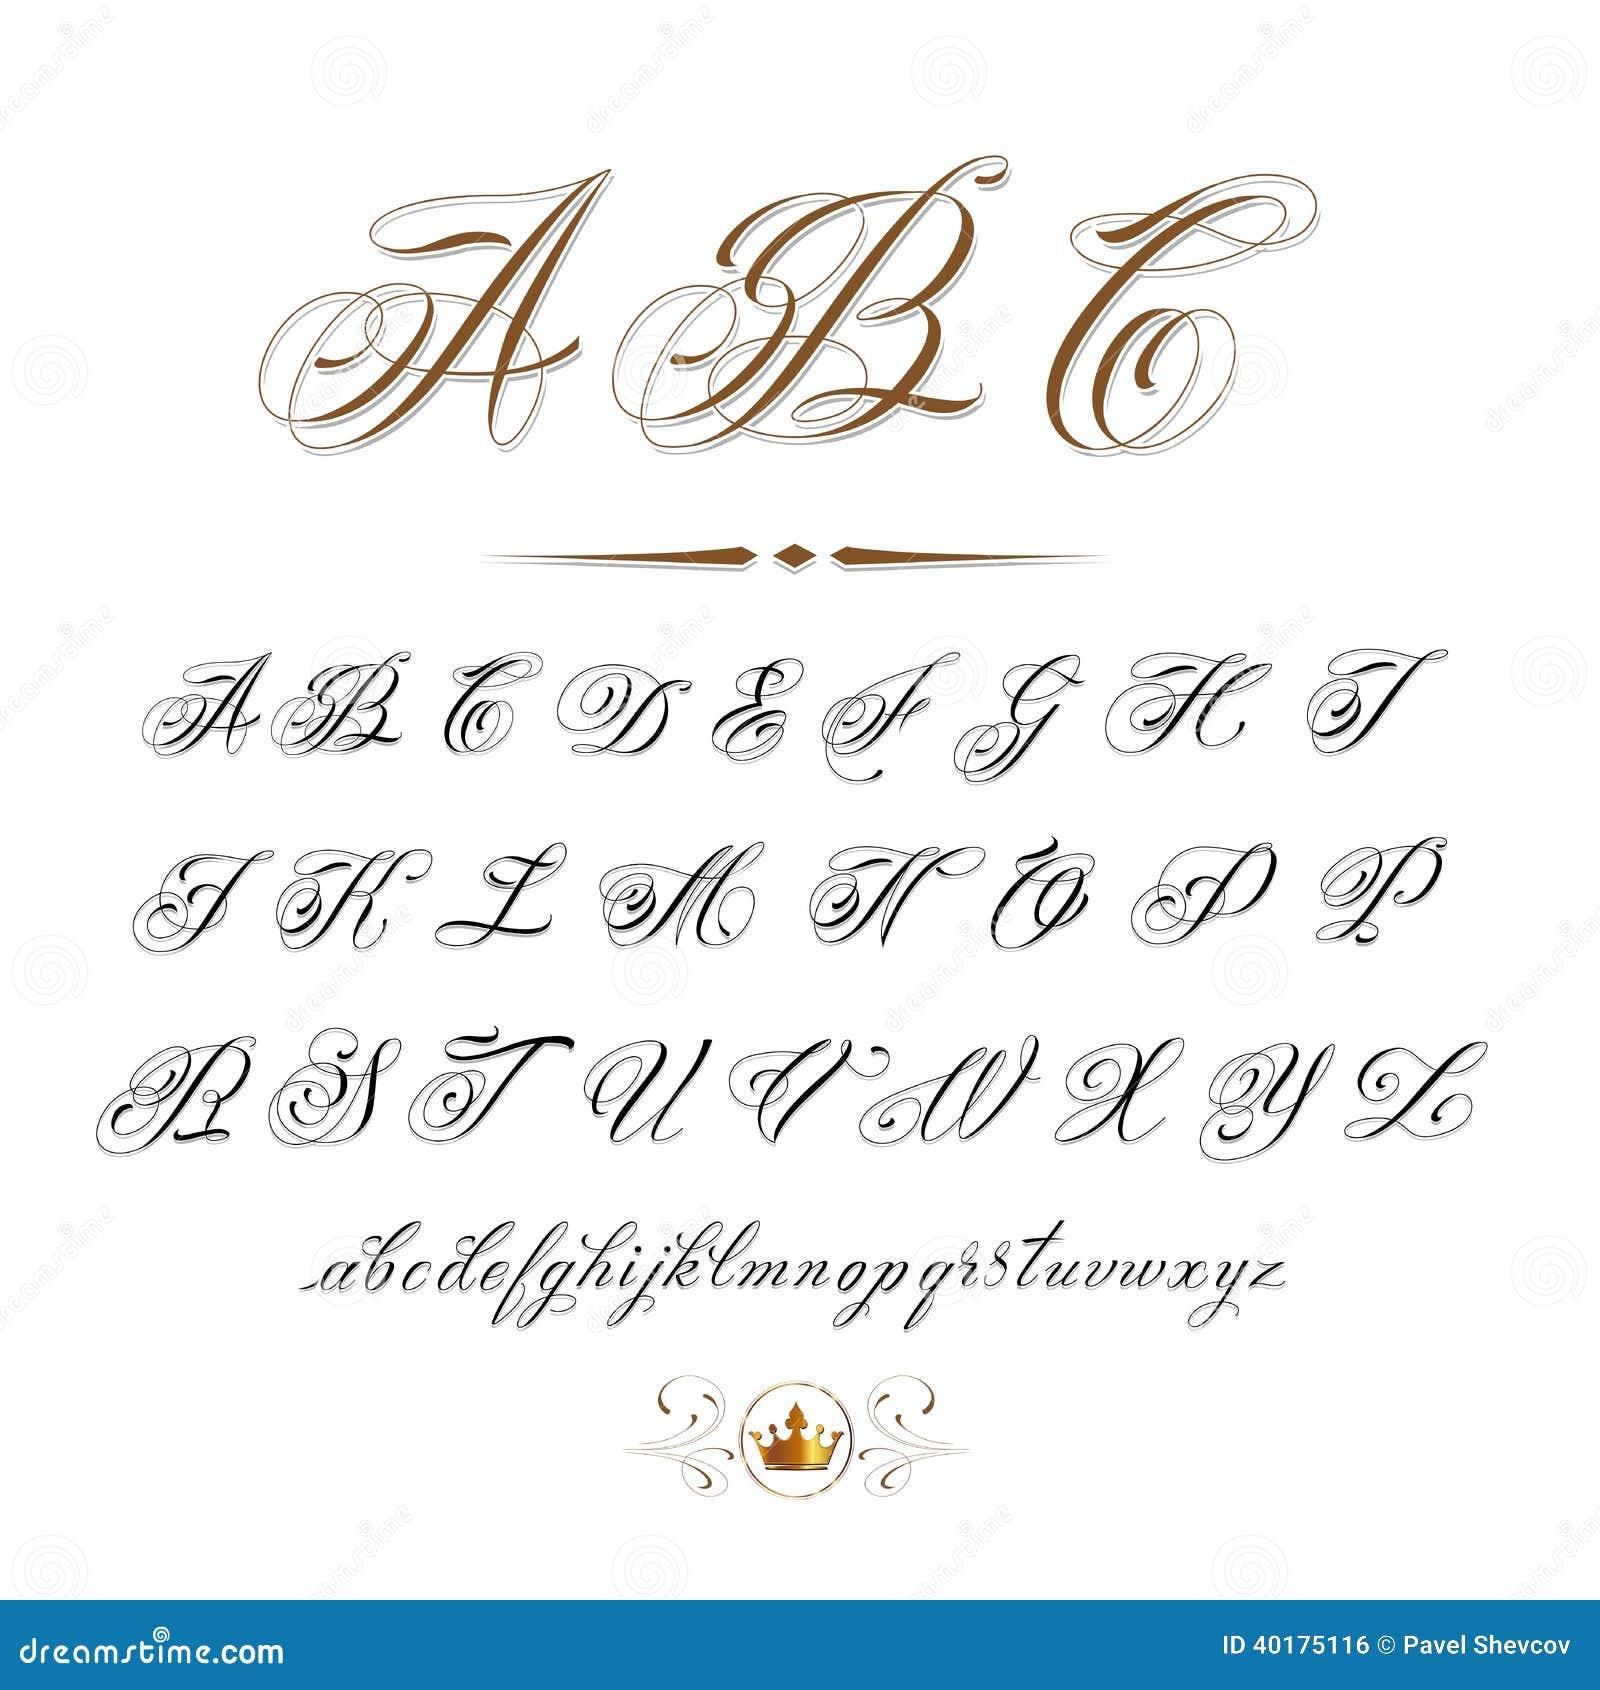 Imagem De Stock Royalty Free Abc Image40175116 on Cursive Lowercase O